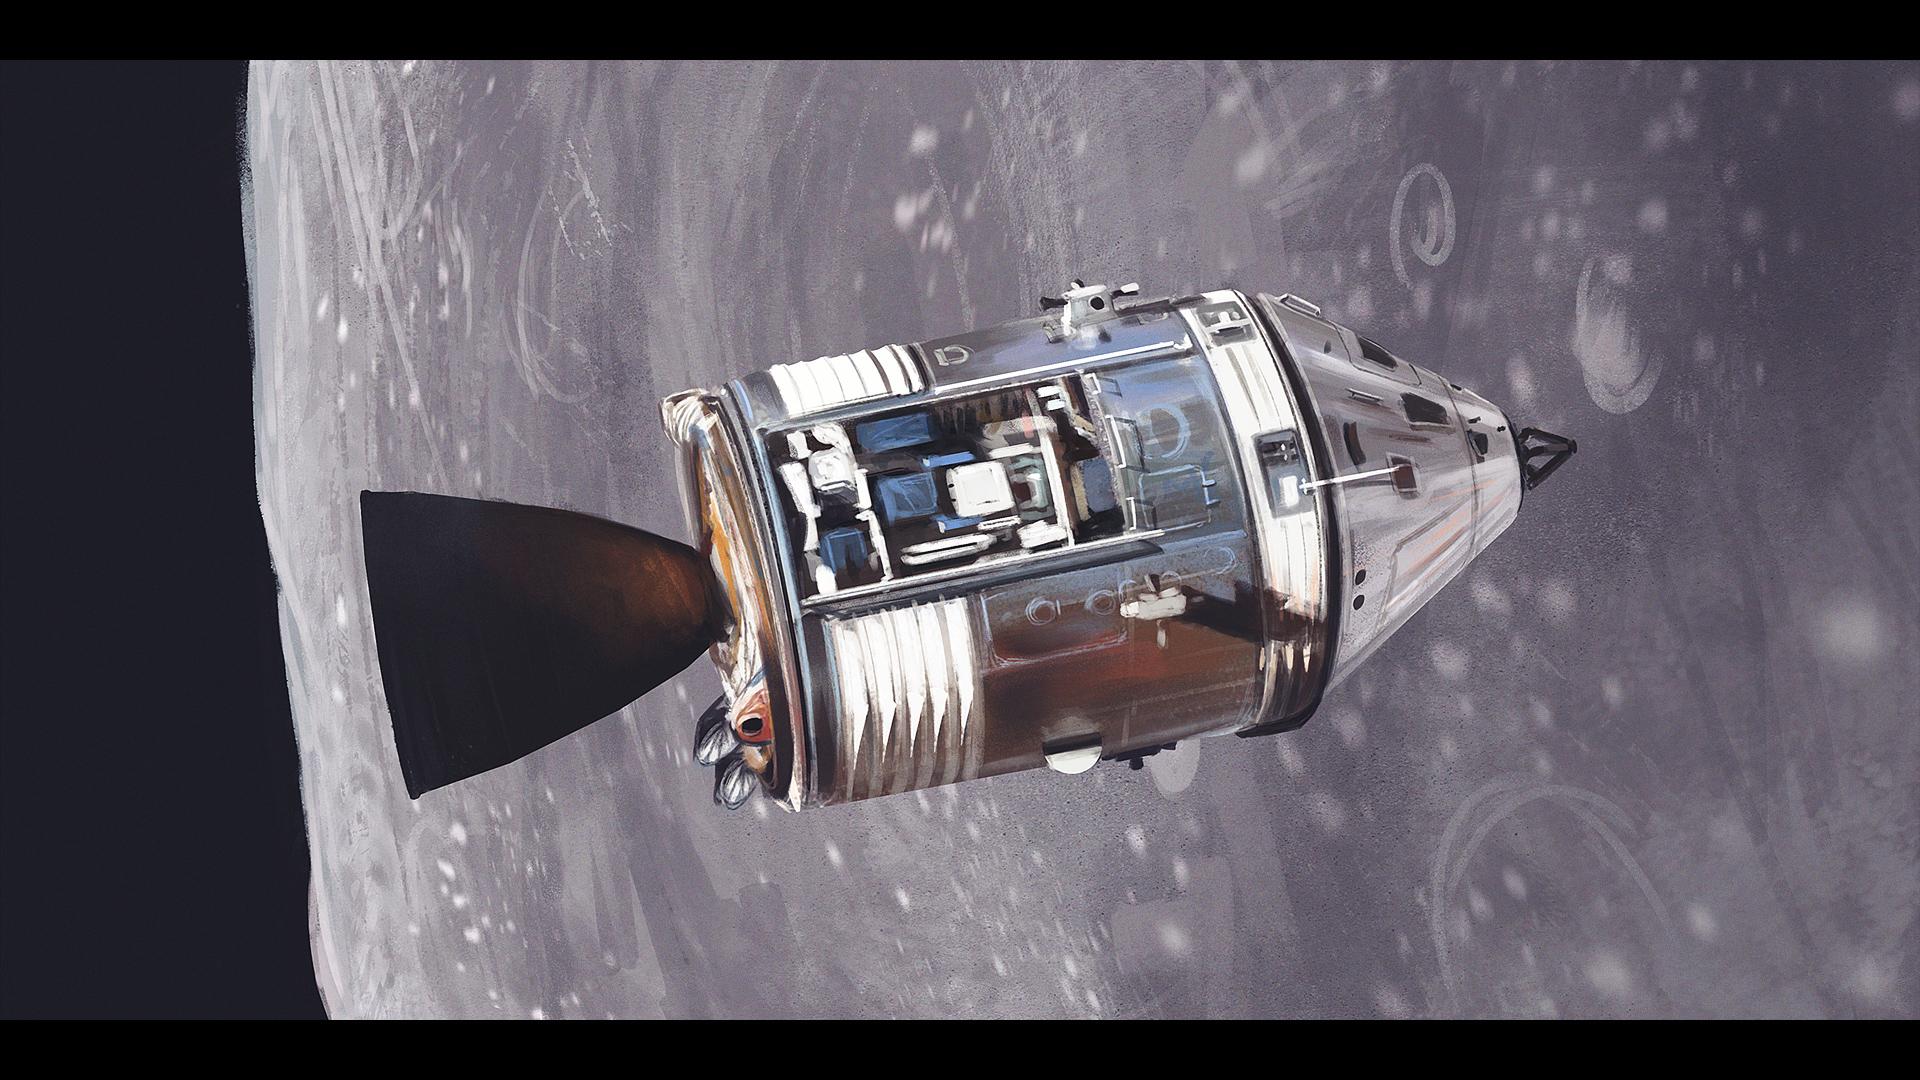 apollo 13 service module location - photo #35